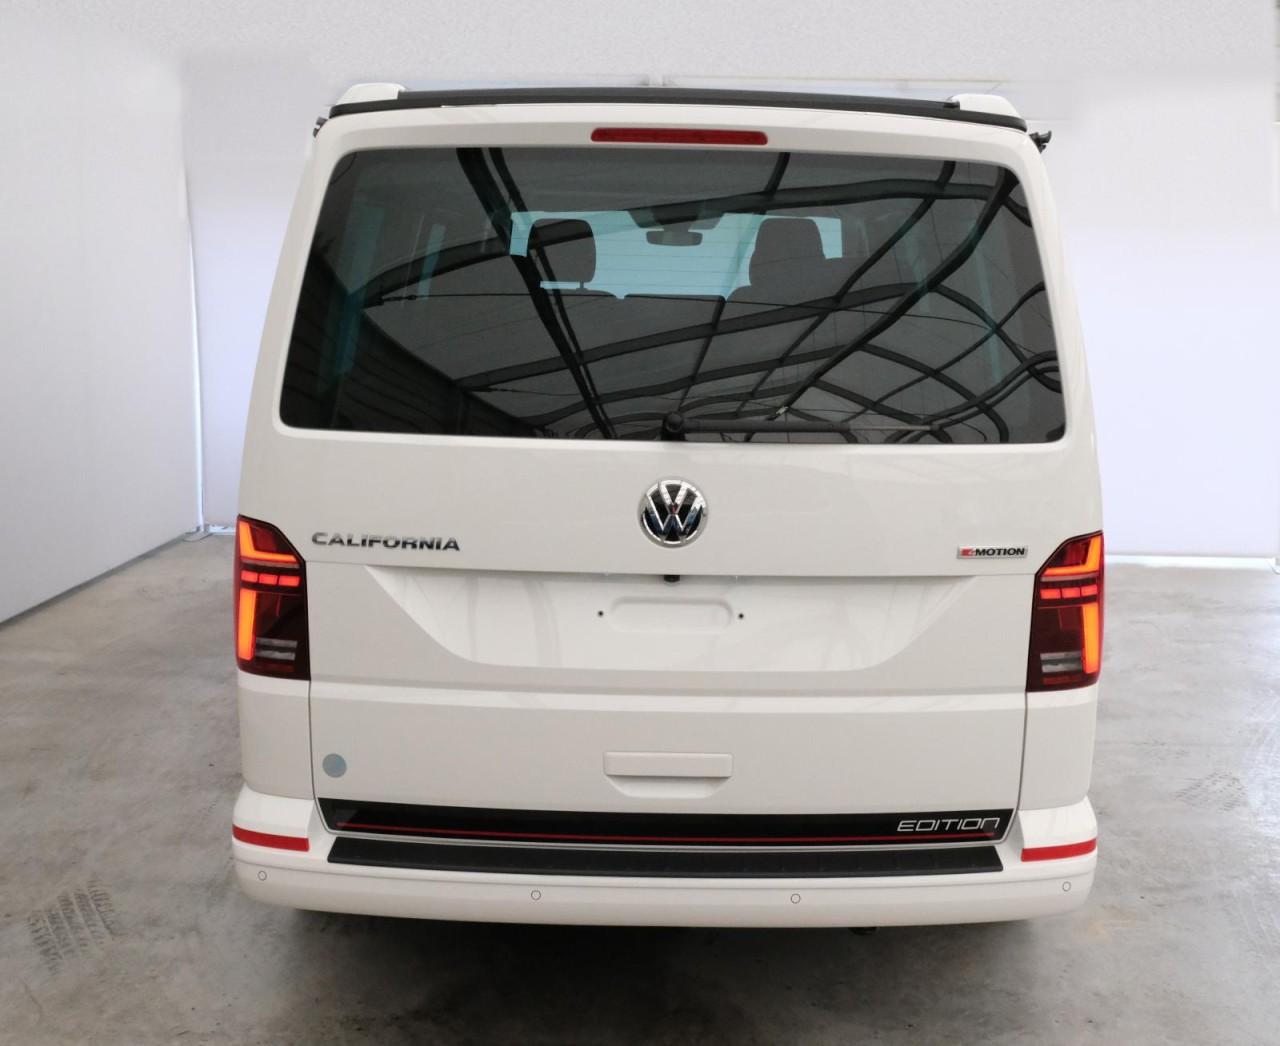 VW NFZ California 6.1 Beach Tour Edition